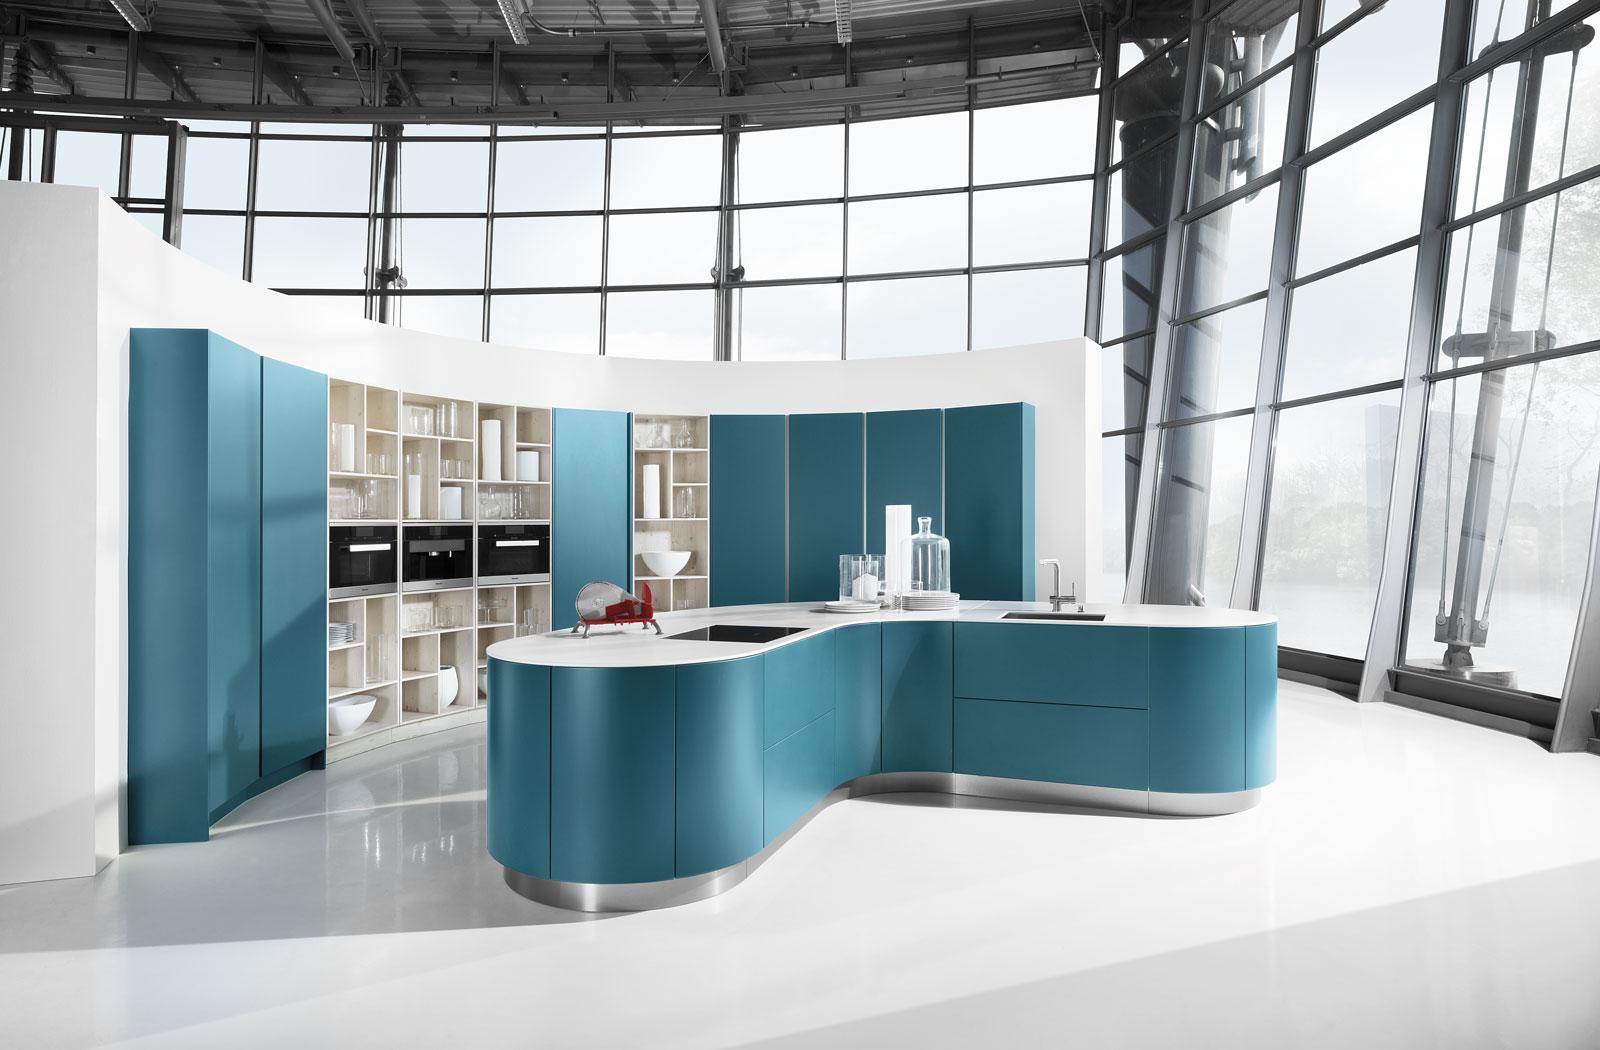 Meble kuchenne Petrol - wyspa kuchenna - oferta SAS Wnętrza i Kuchnie - Meble Kuchenne i Projektowanie wnętrz.